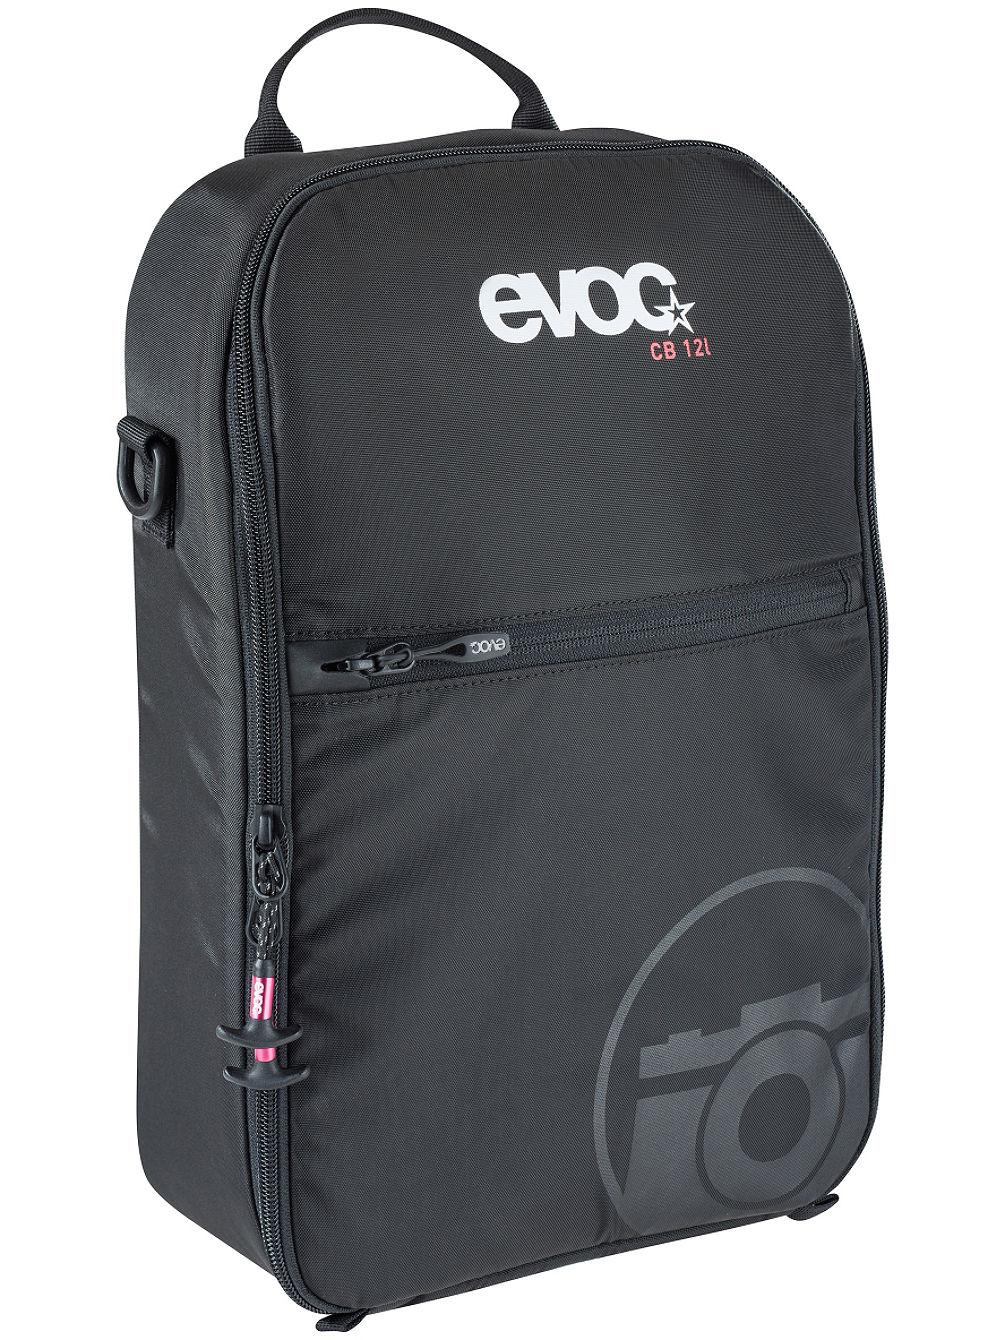 Evoc Camera Block 12L Backpack - evoc - blue-tomato.com